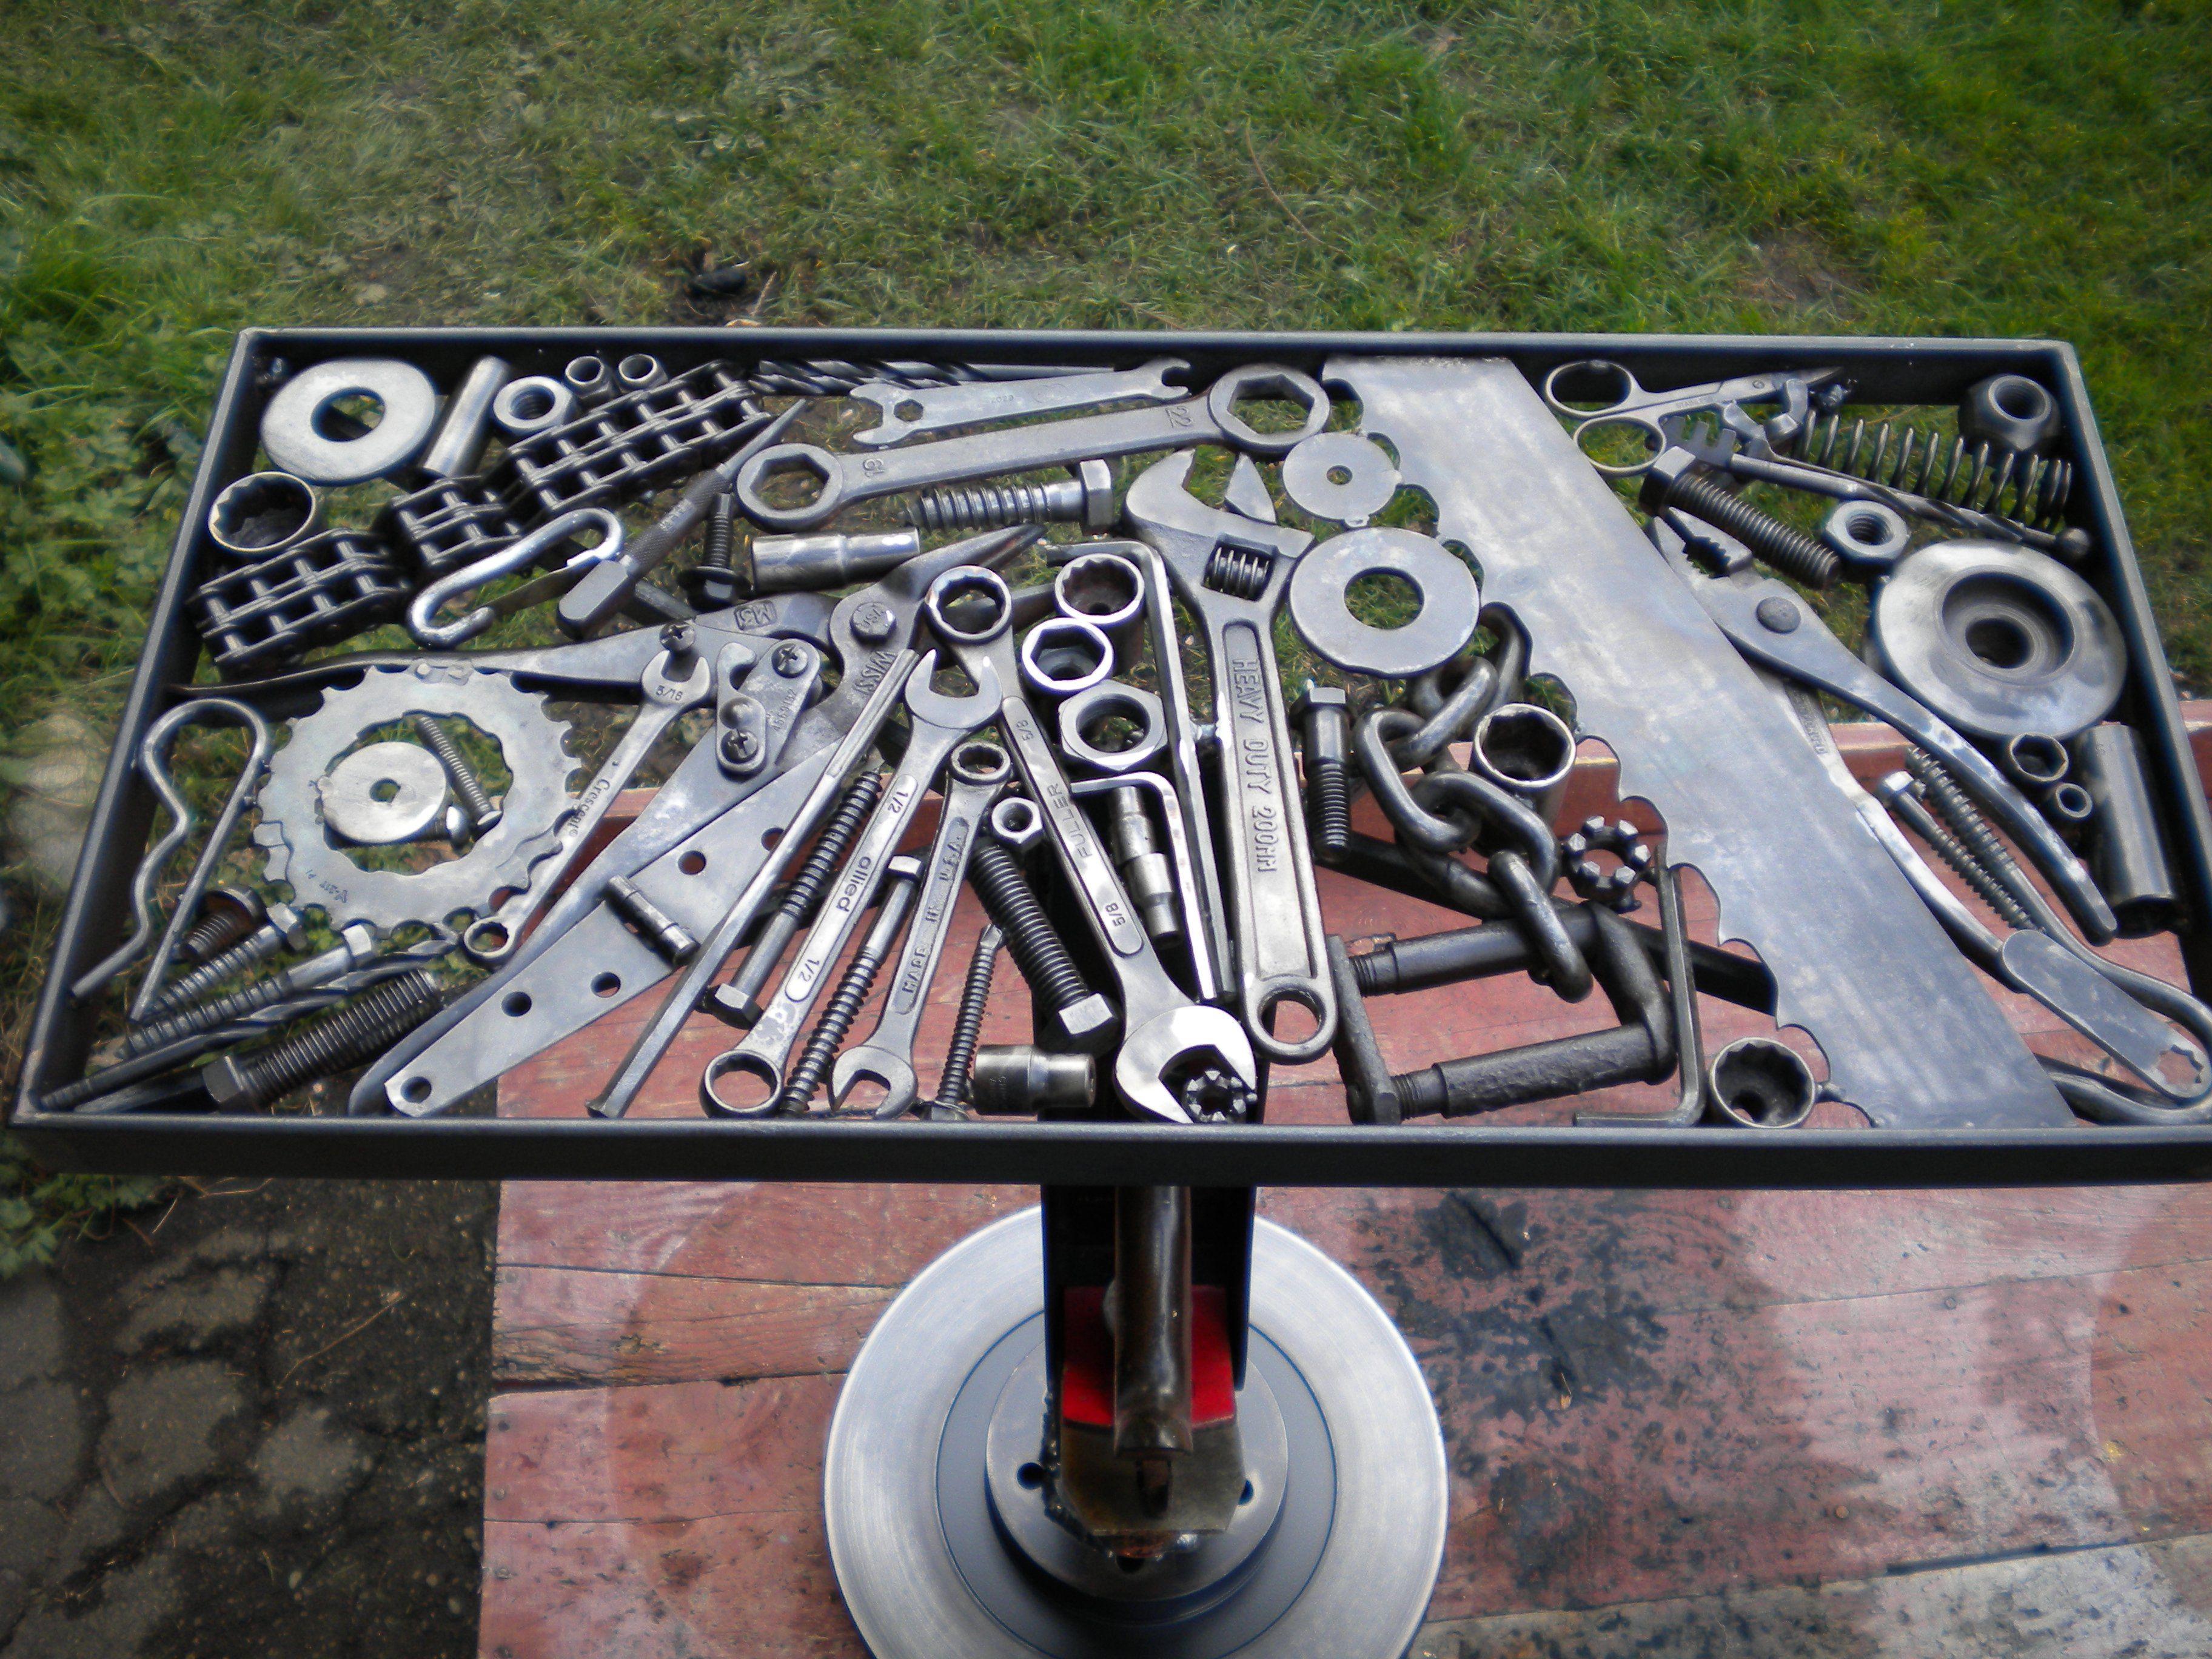 Welded Chain Art Welded Chain Art Miller Welding Projects